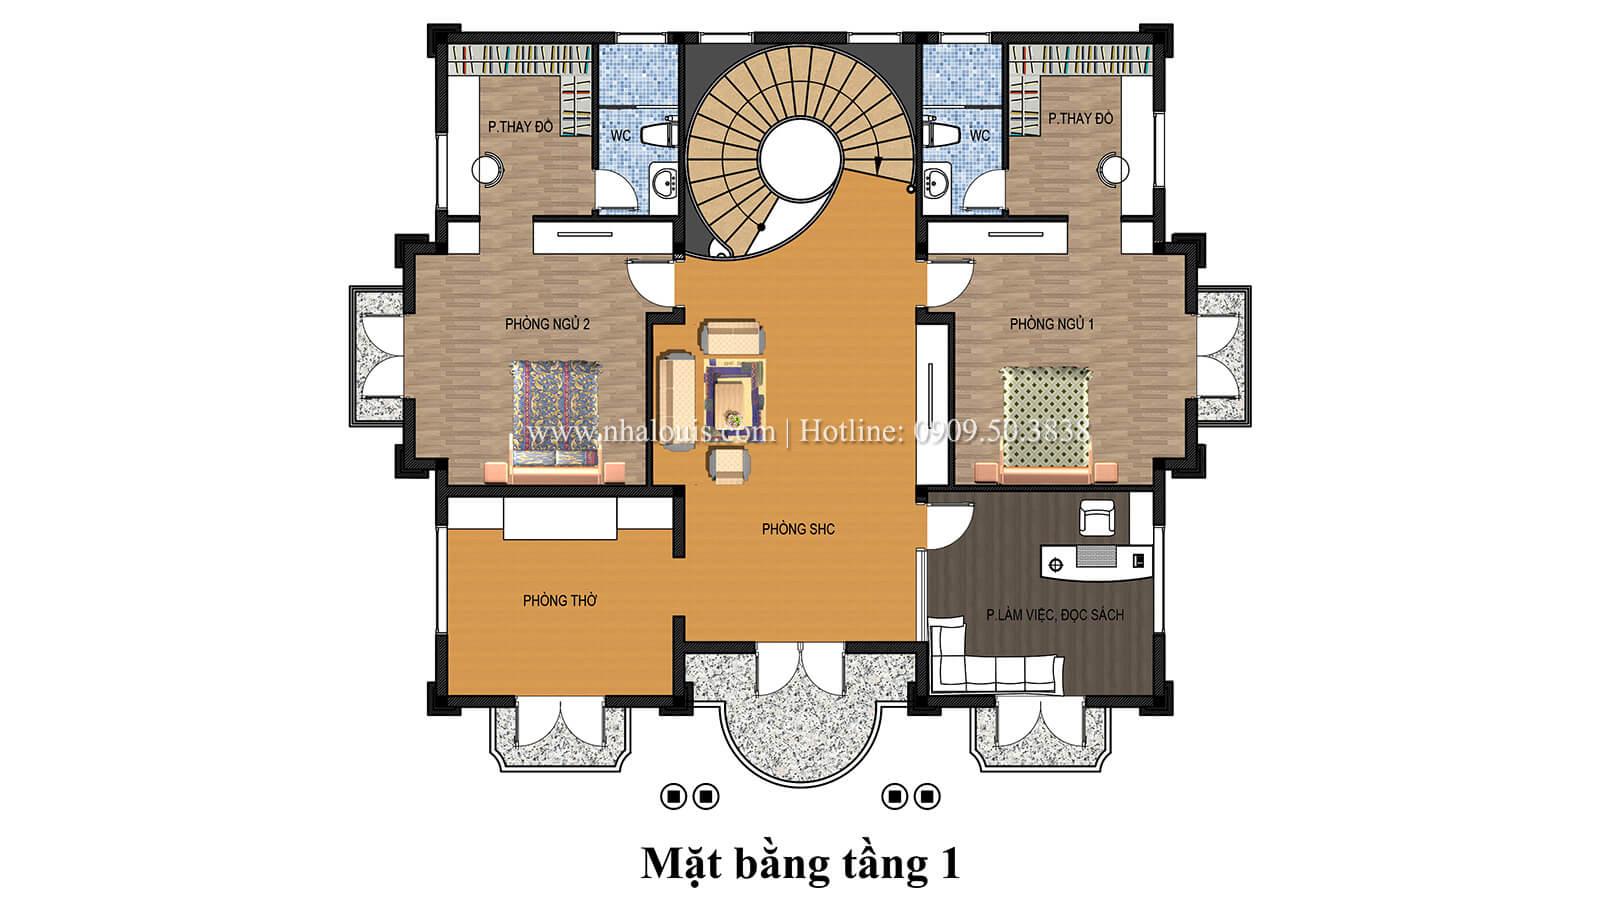 Mặt bằng tầng 1 Biệt thự tân cổ điển có tầng hầm và sân vườn đẹp mỹ miều tại Biên Hòa - 06